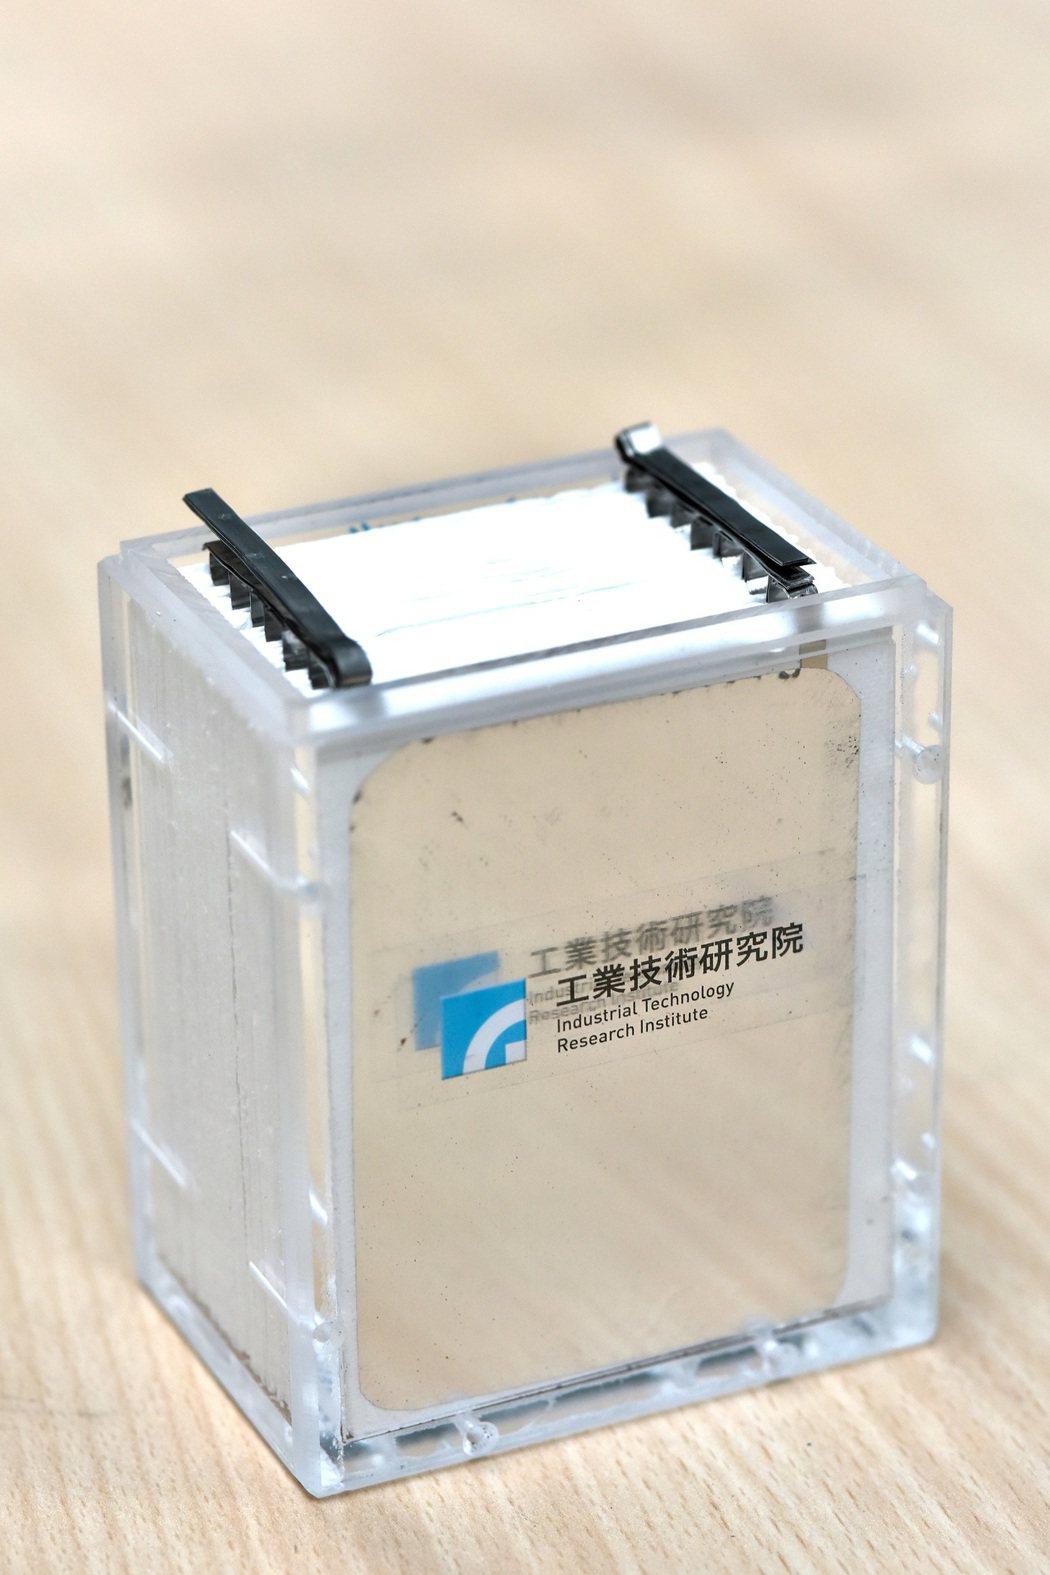 鋁電池只要一分鐘便可完成充電,且可重複充放電逾萬次,蓄電量仍然不會耗弱。工研院/...